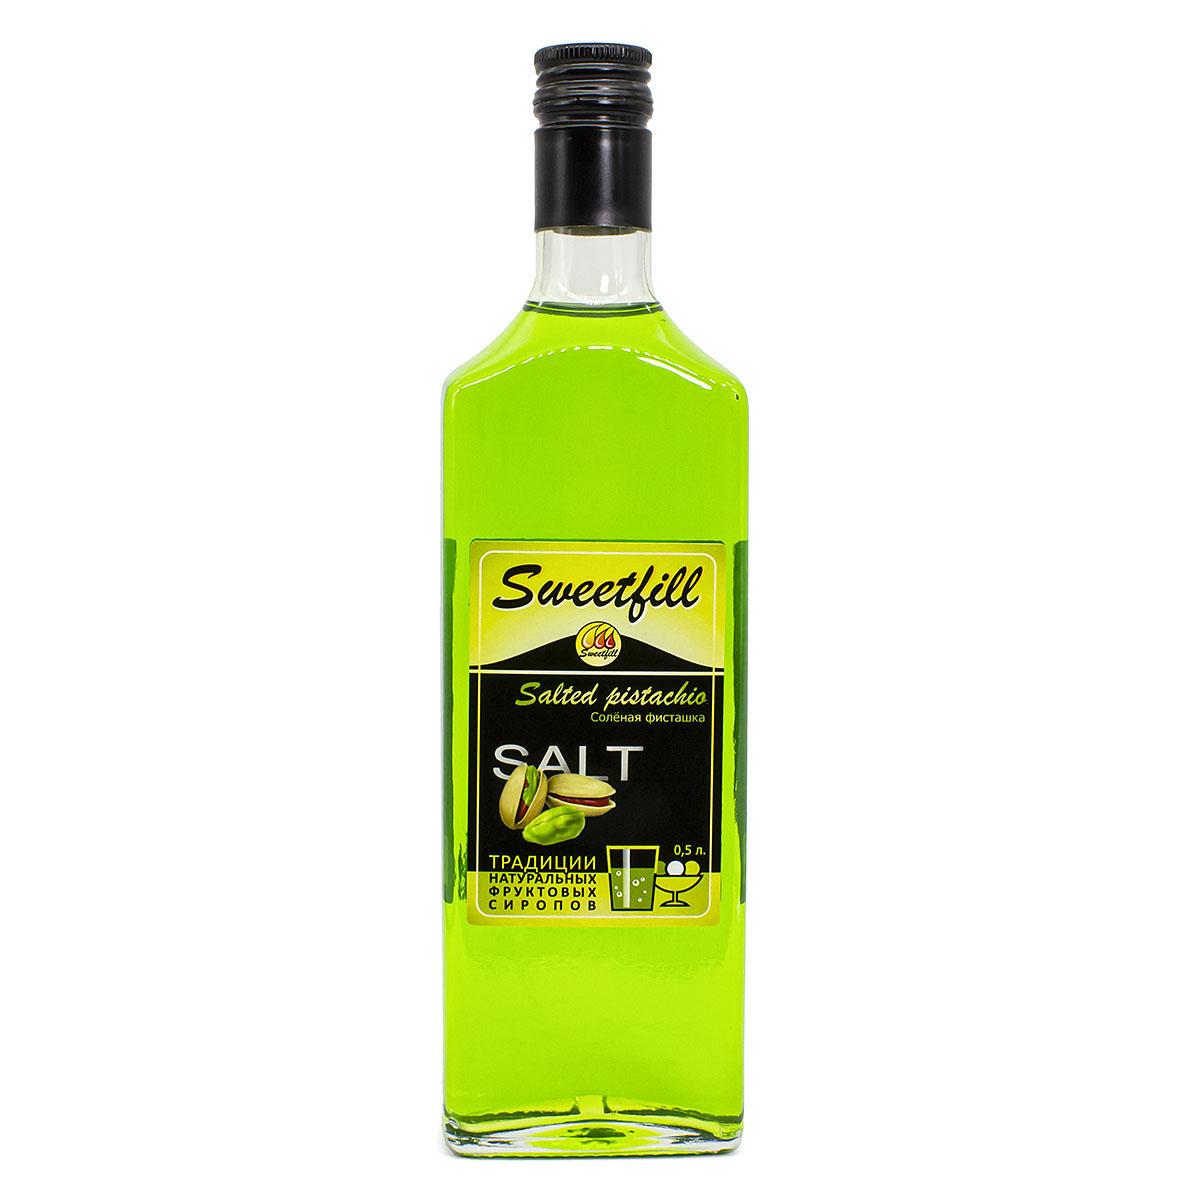 Сироп Sweetfill Соленая фисташка, 0,5 л barinoff сироп мятный 1 л